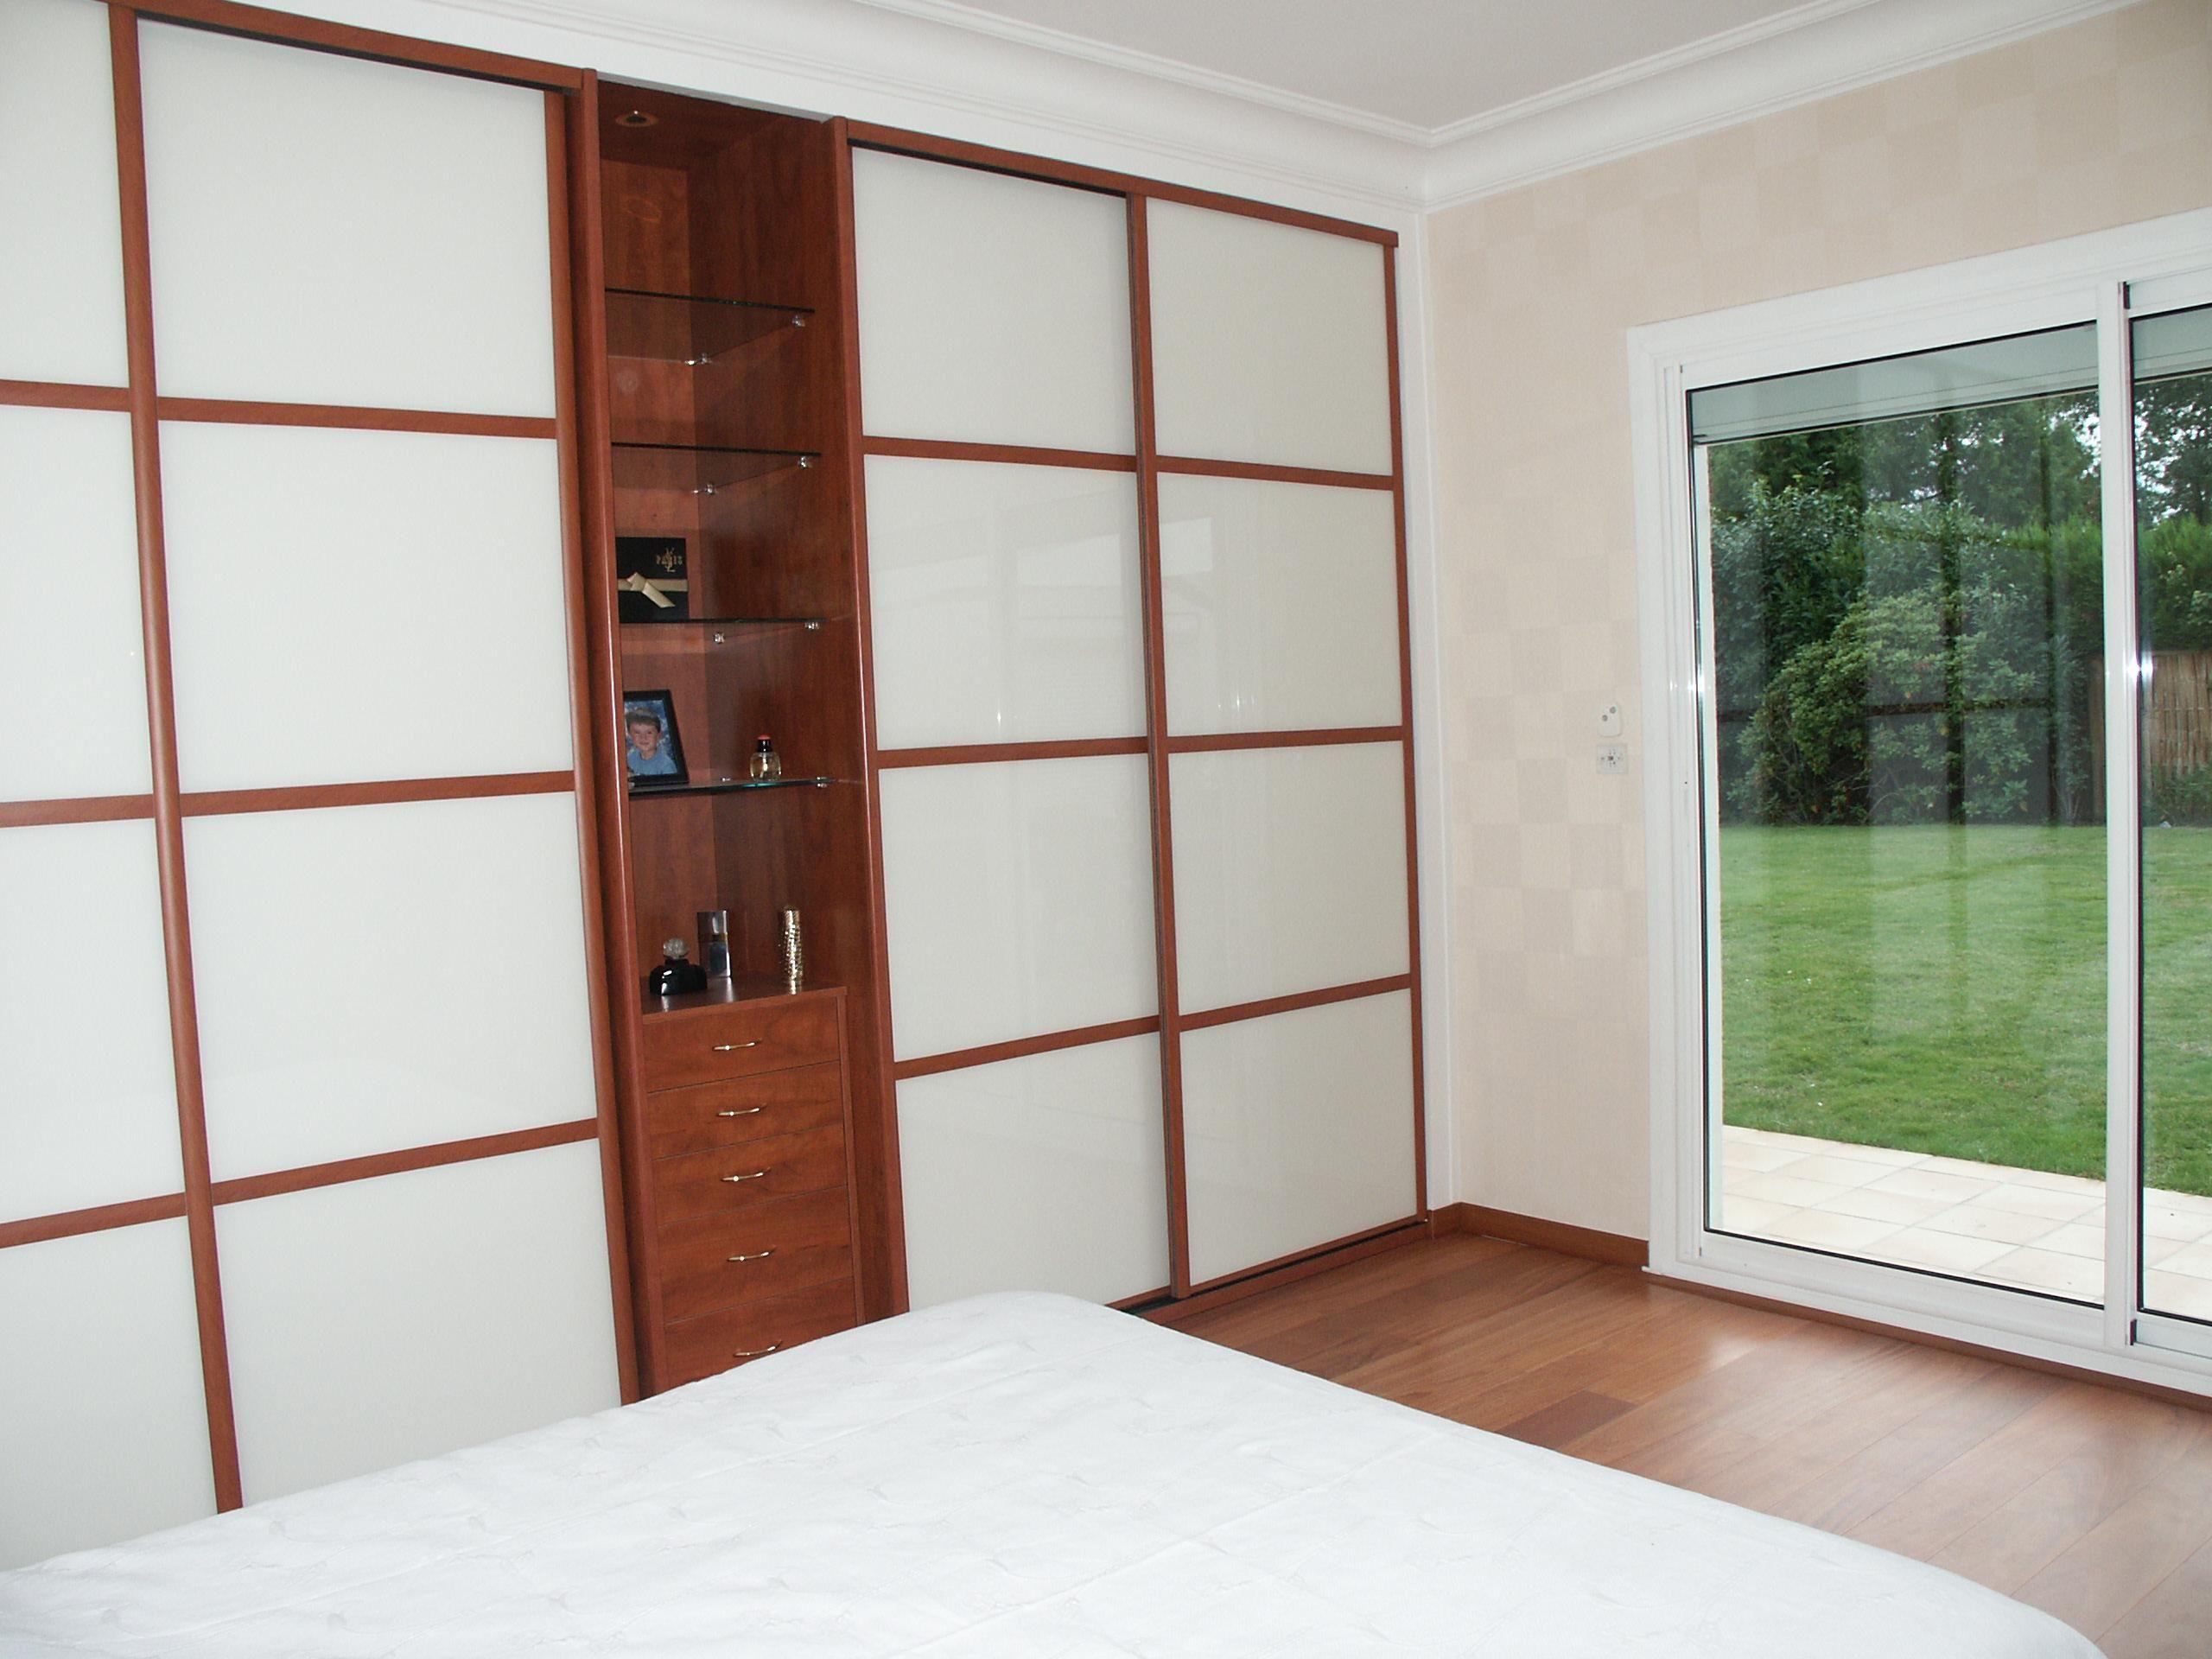 dressing sur mesure bye bois et compagnie 54 avenue montaign placard fa ade coulissante. Black Bedroom Furniture Sets. Home Design Ideas